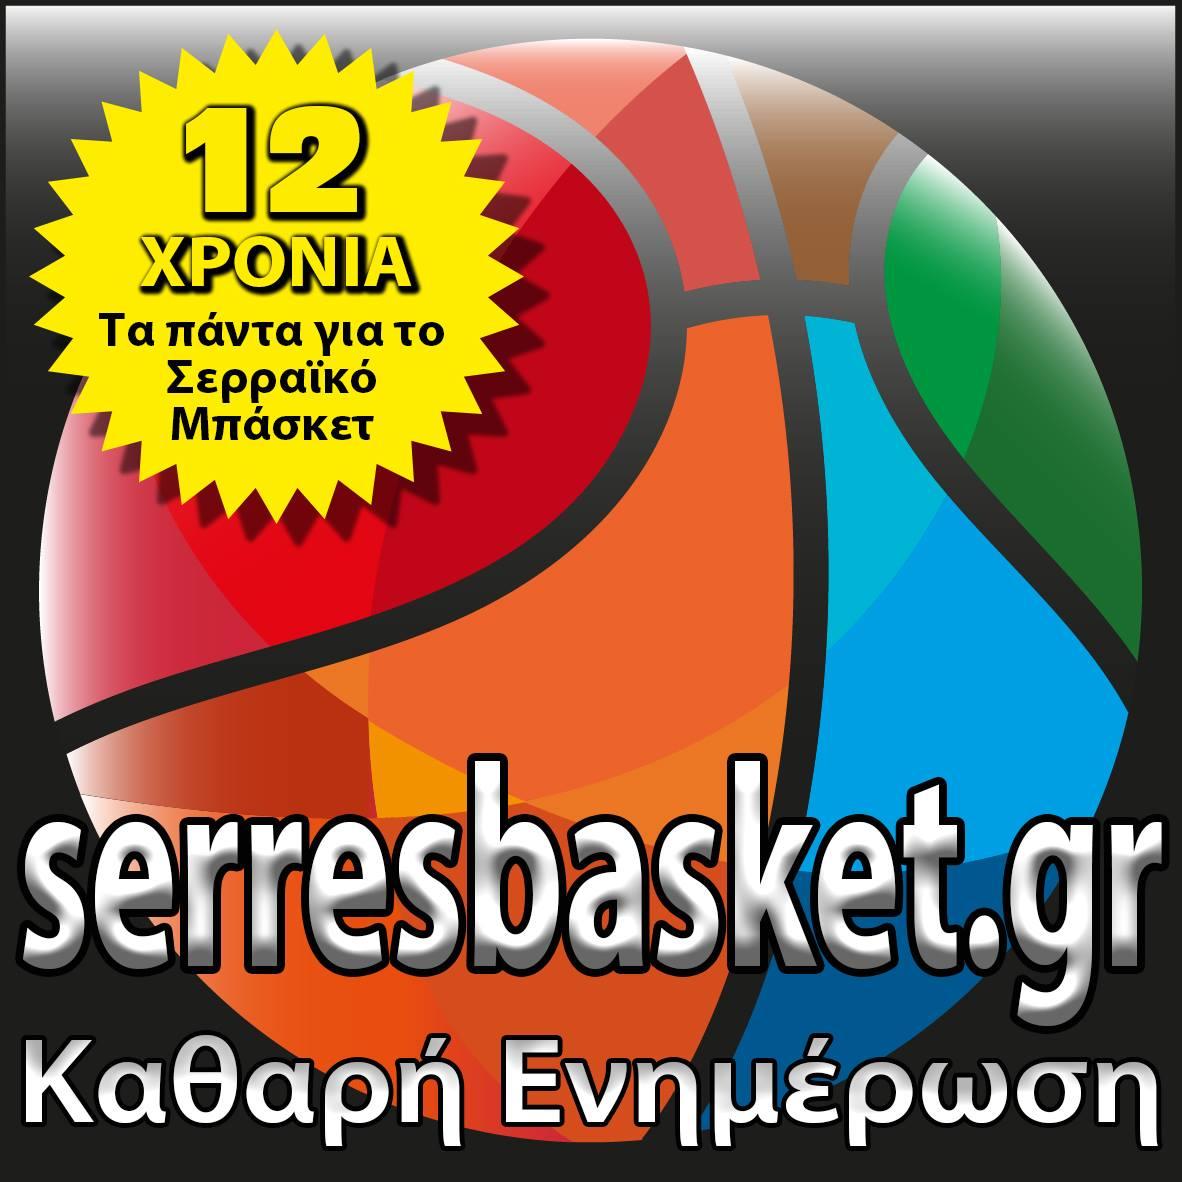 12 Χρόνια SerresBasket.gr